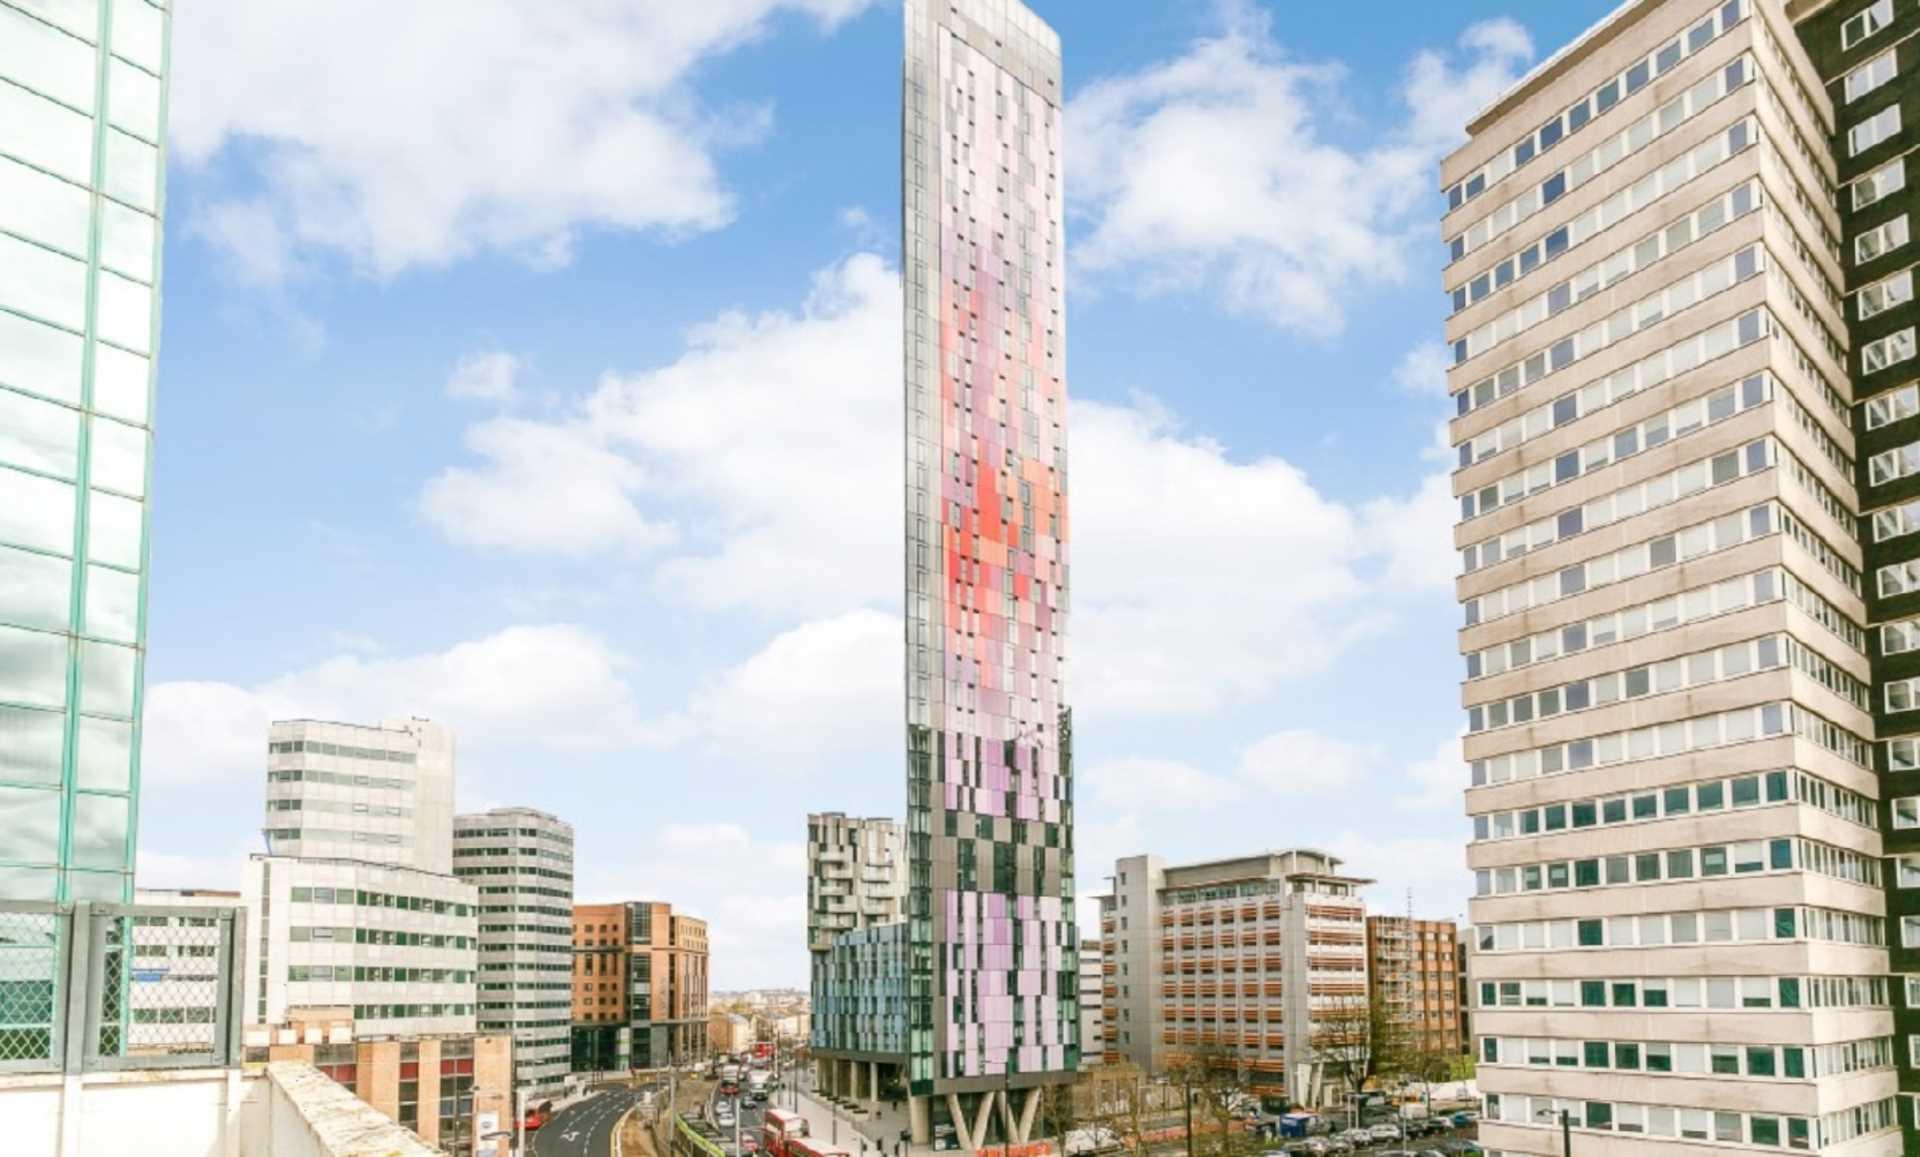 Pinnacle Apartments, Saffron Square, Central Croydon, Image 15